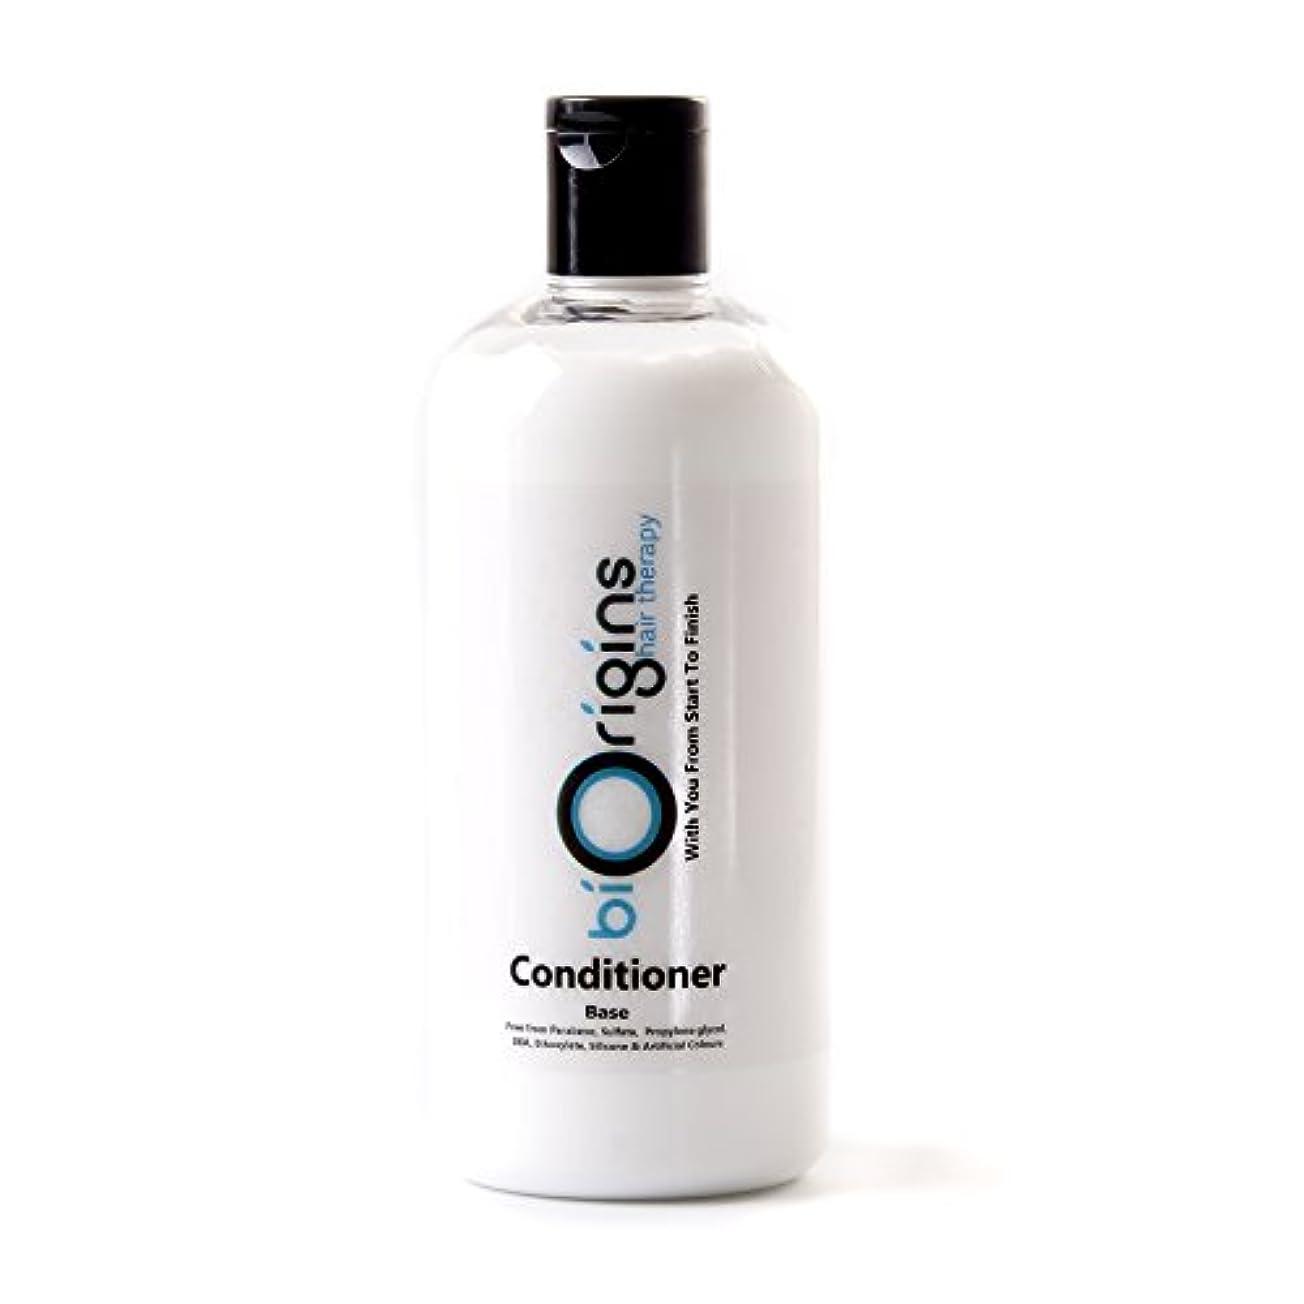 予測する味わう赤外線Conditioner Base Natural Unscented - 500g